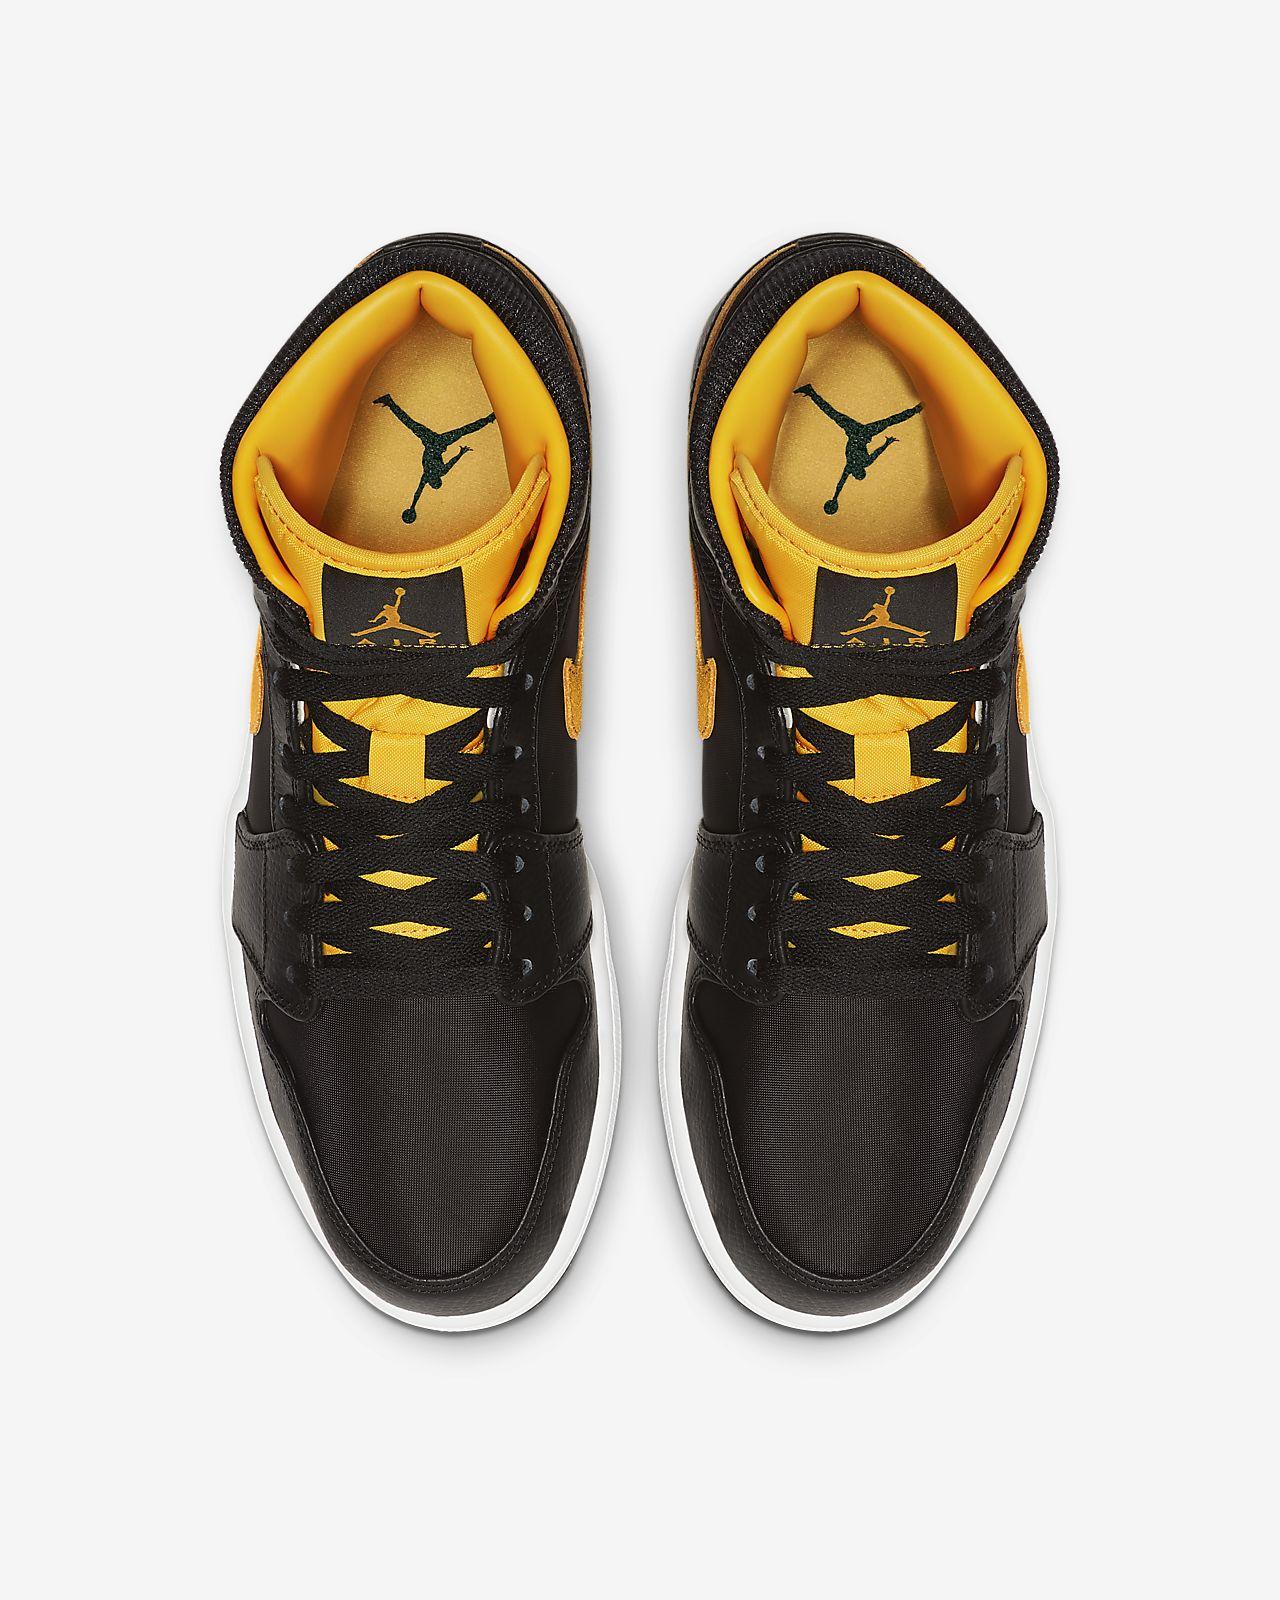 Pour Air 1 Chaussure Jordan Homme Se Mid bYfv7y6gI